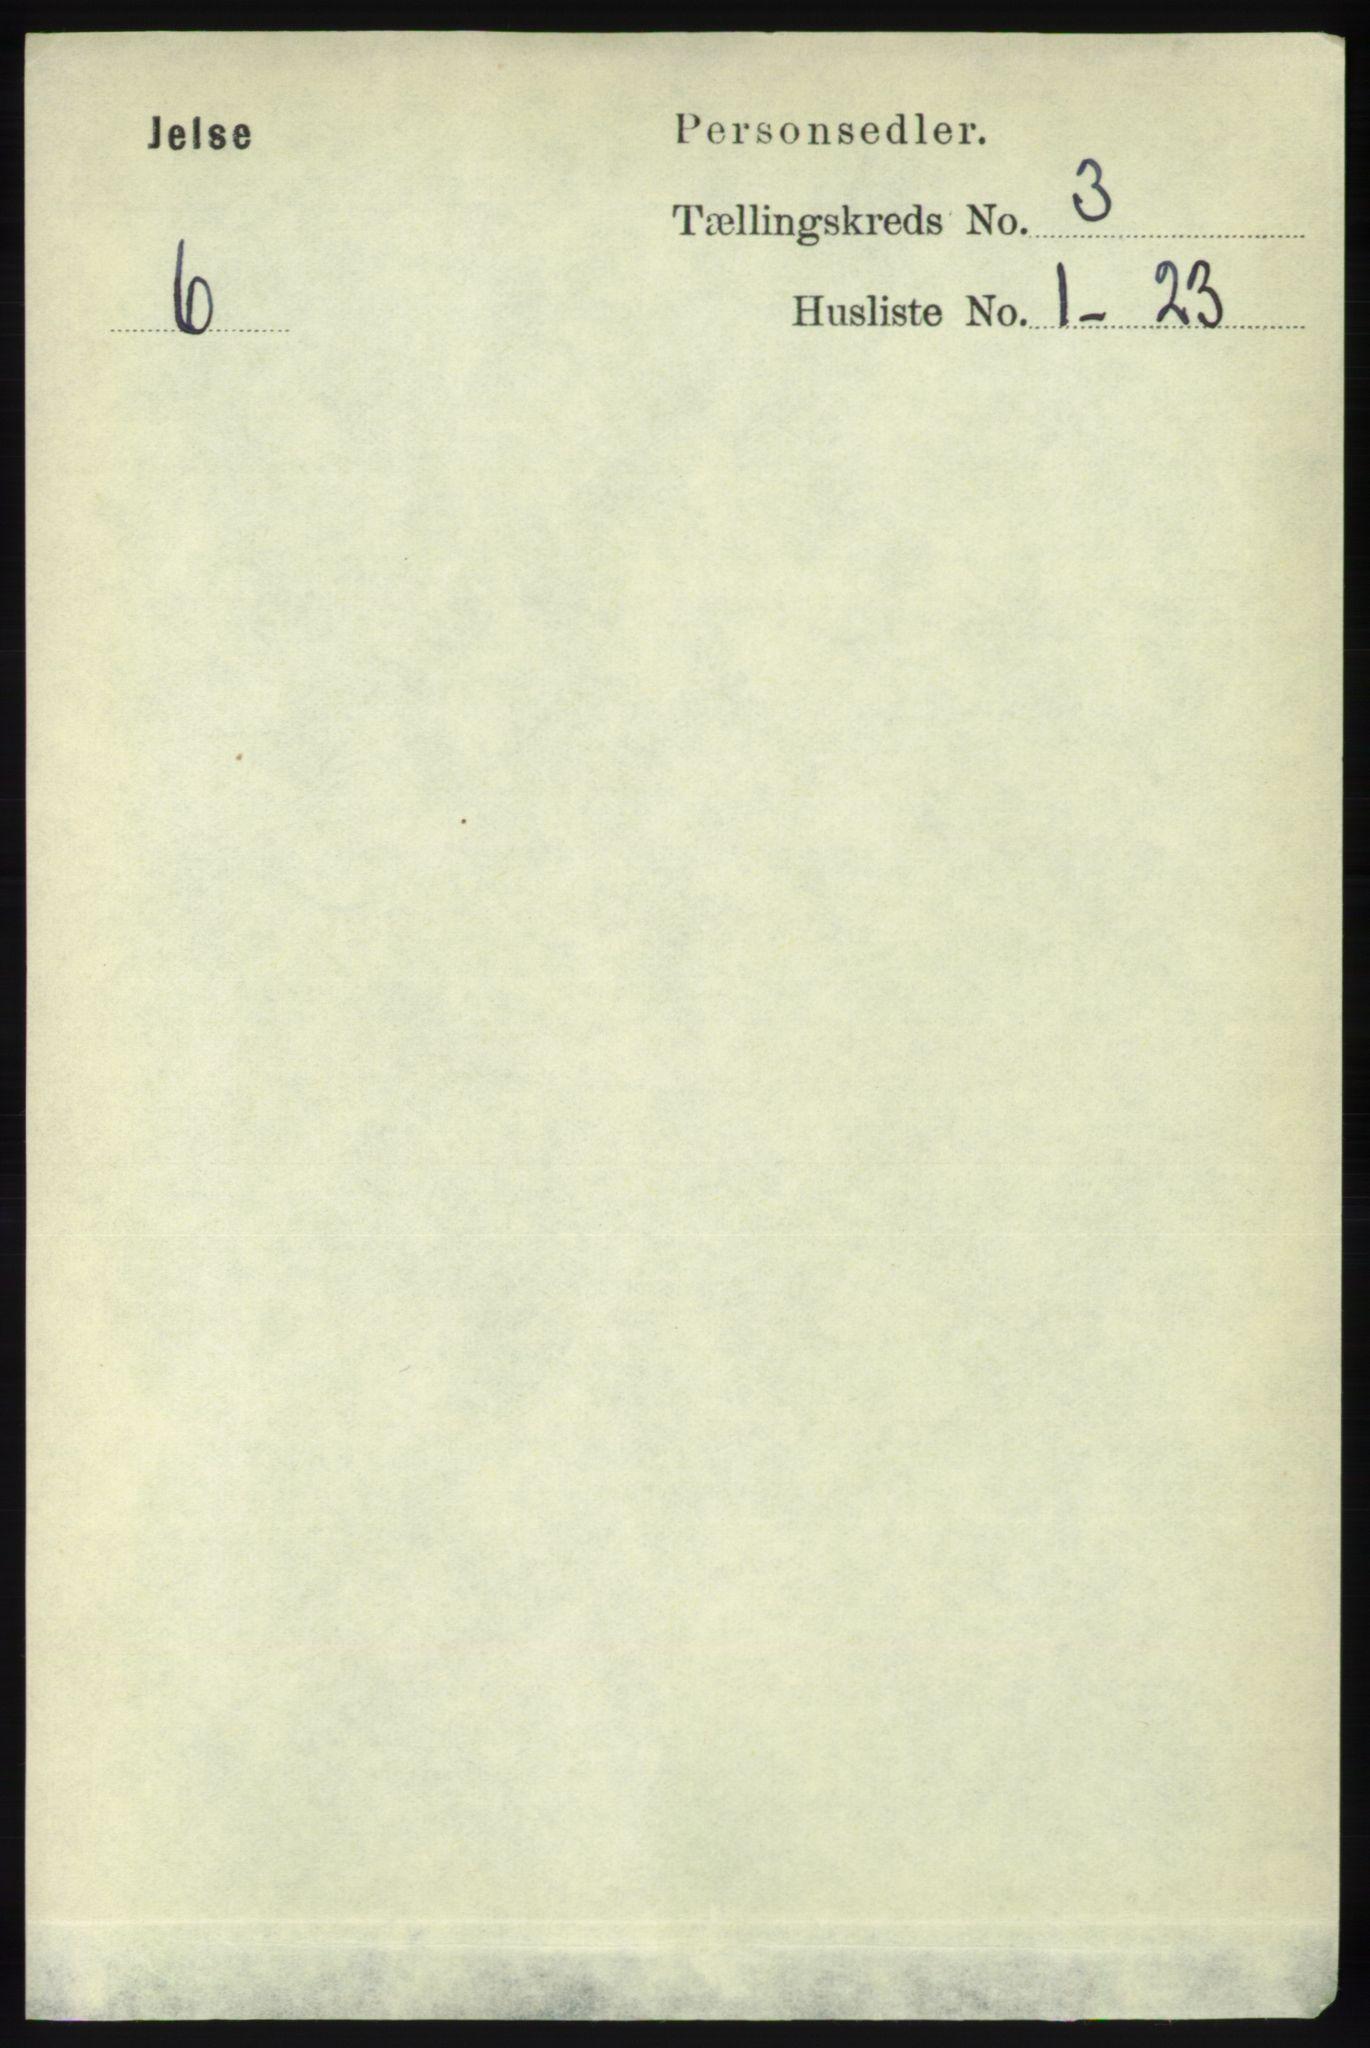 RA, Folketelling 1891 for 1138 Jelsa herred, 1891, s. 376